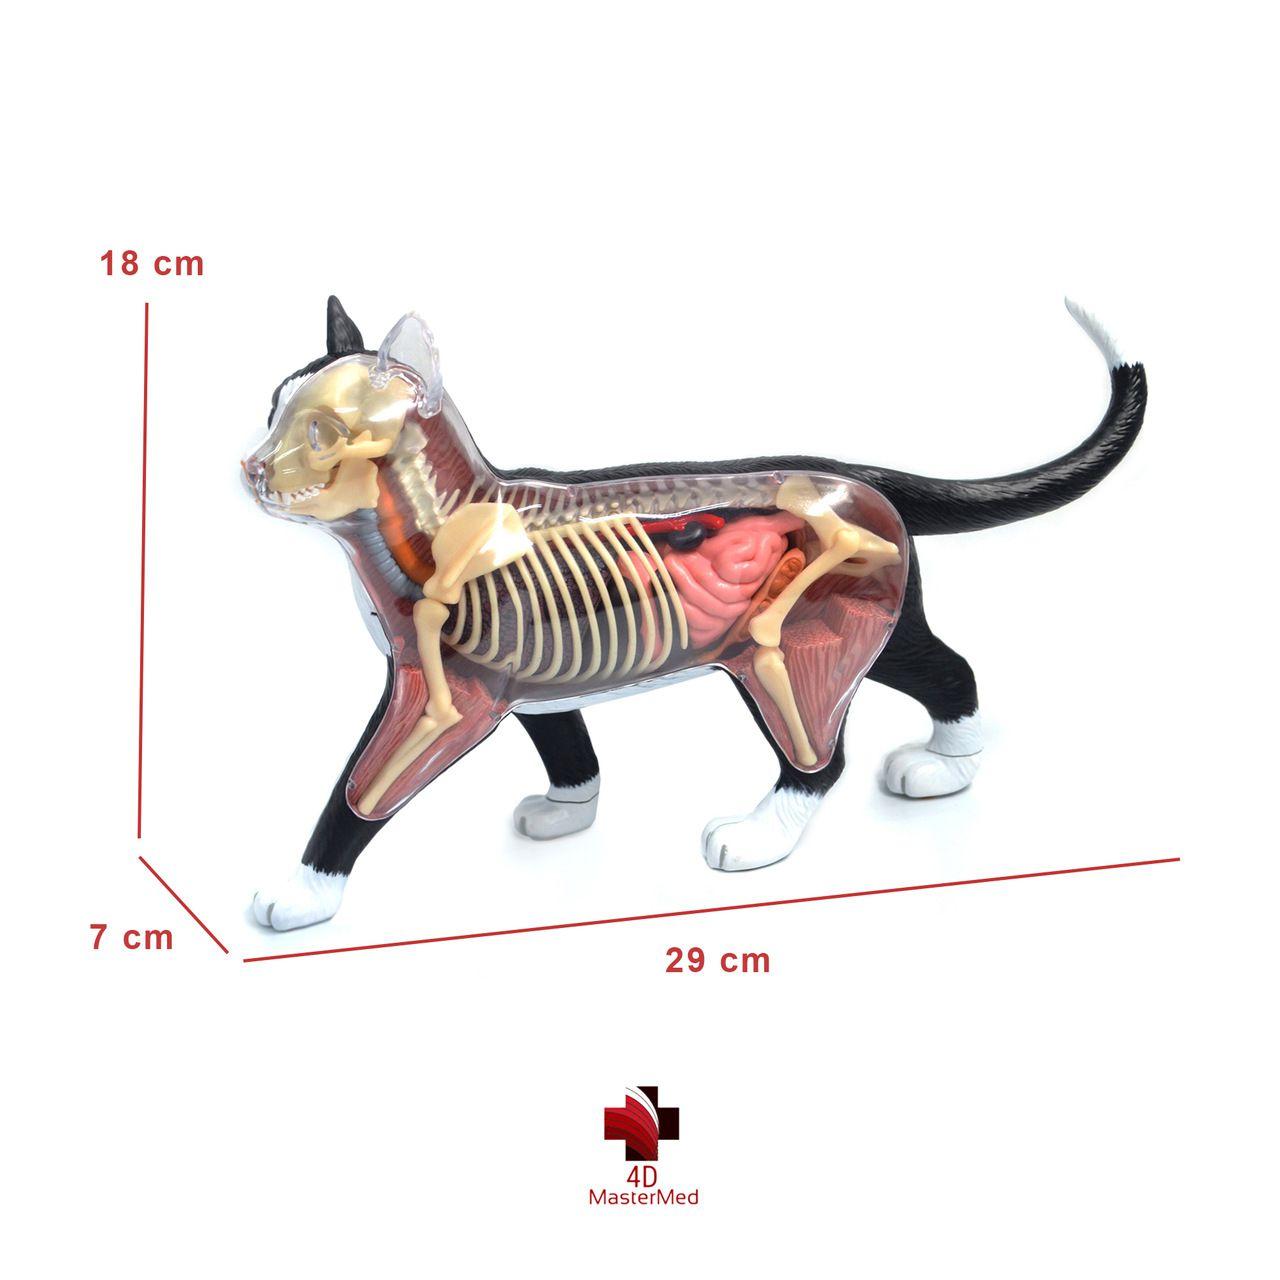 Kit Veterinário para estudo - Cachorro, gato e rato